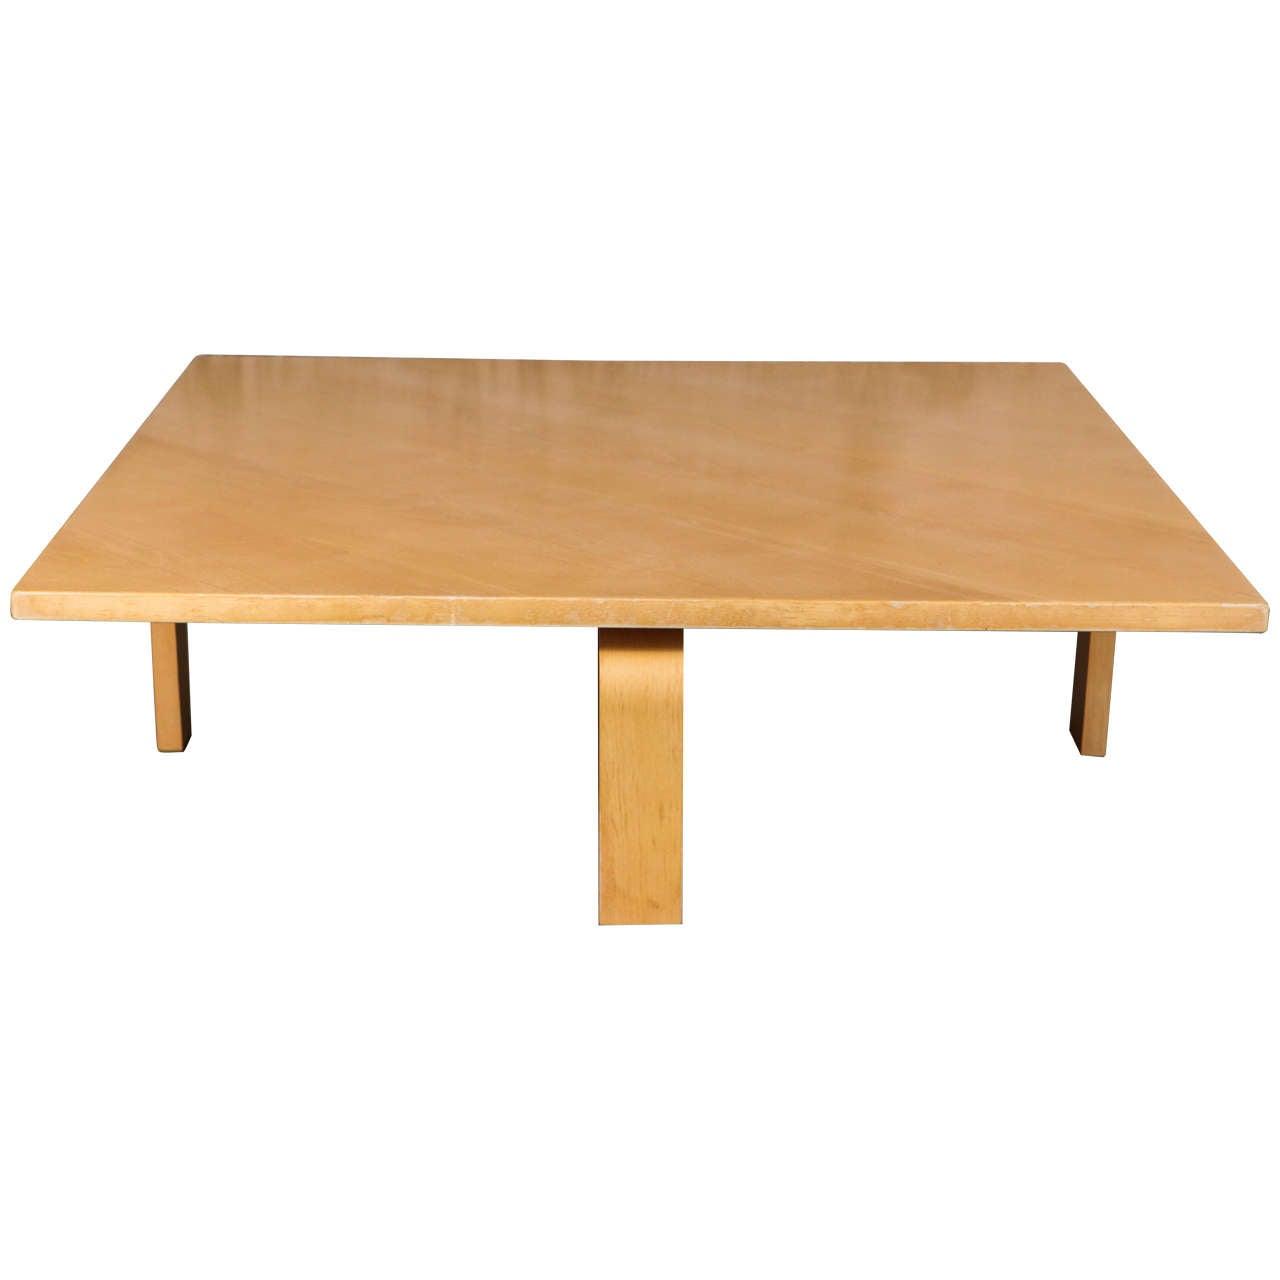 Poul Kjærholm PK 66 Table